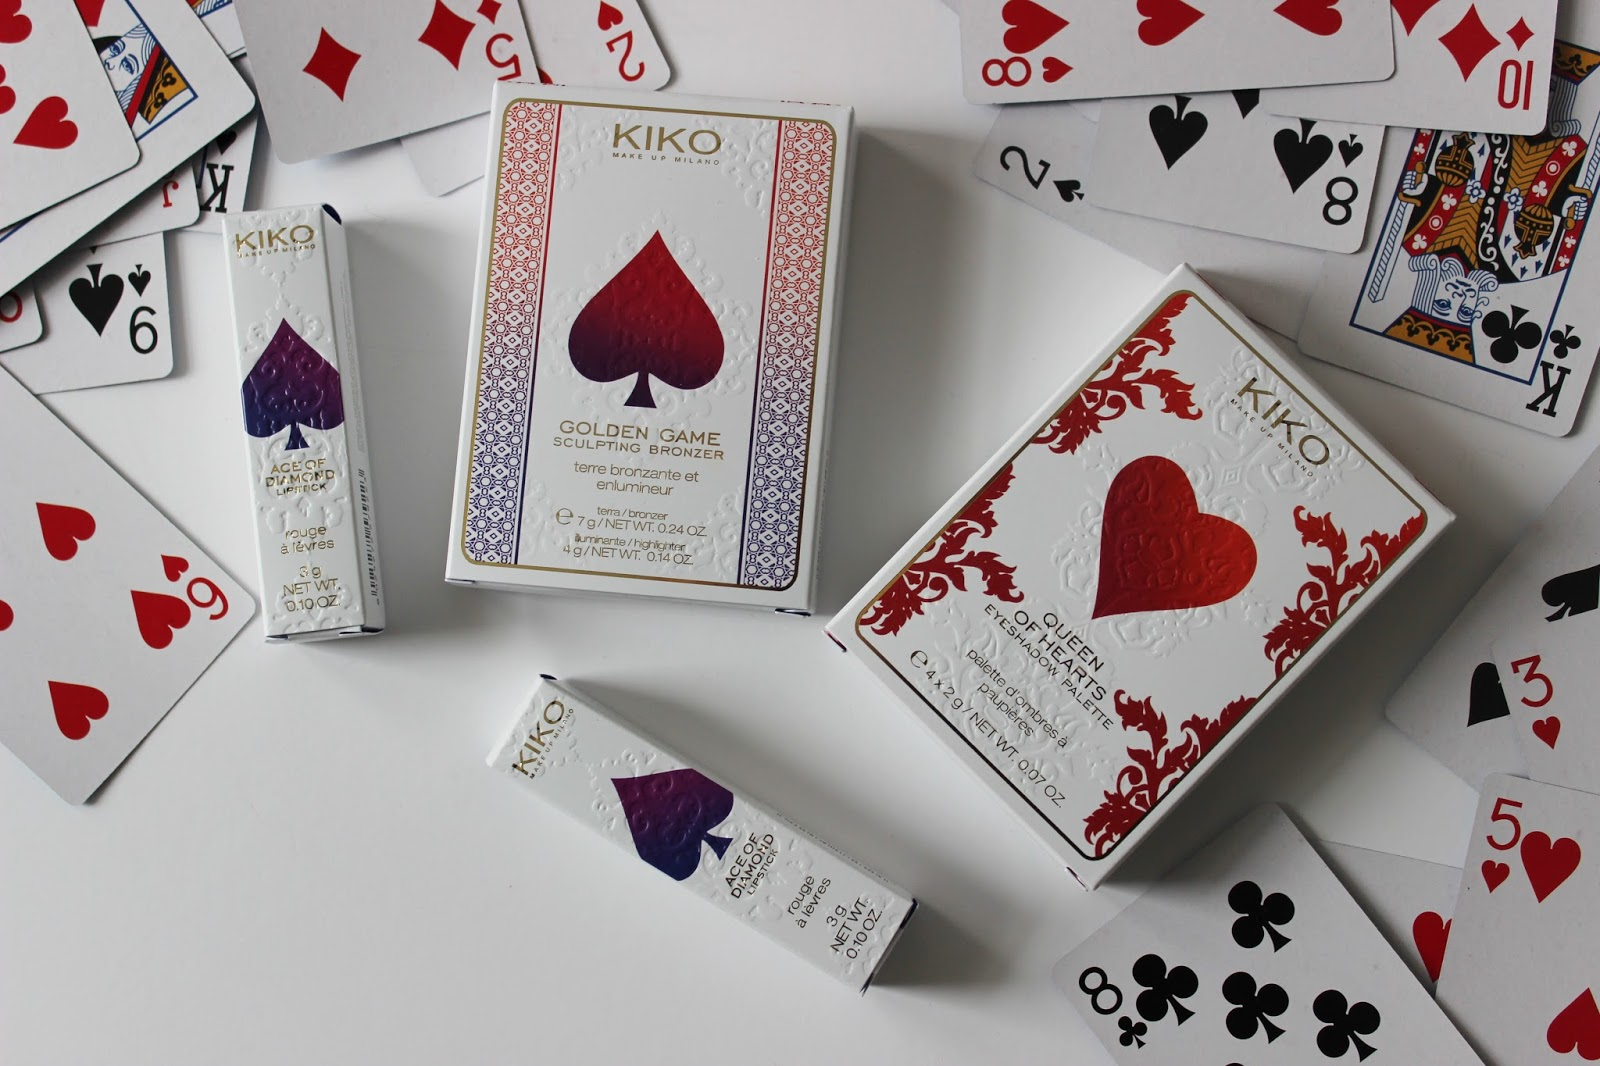 Kiko Daring Game collection packaging